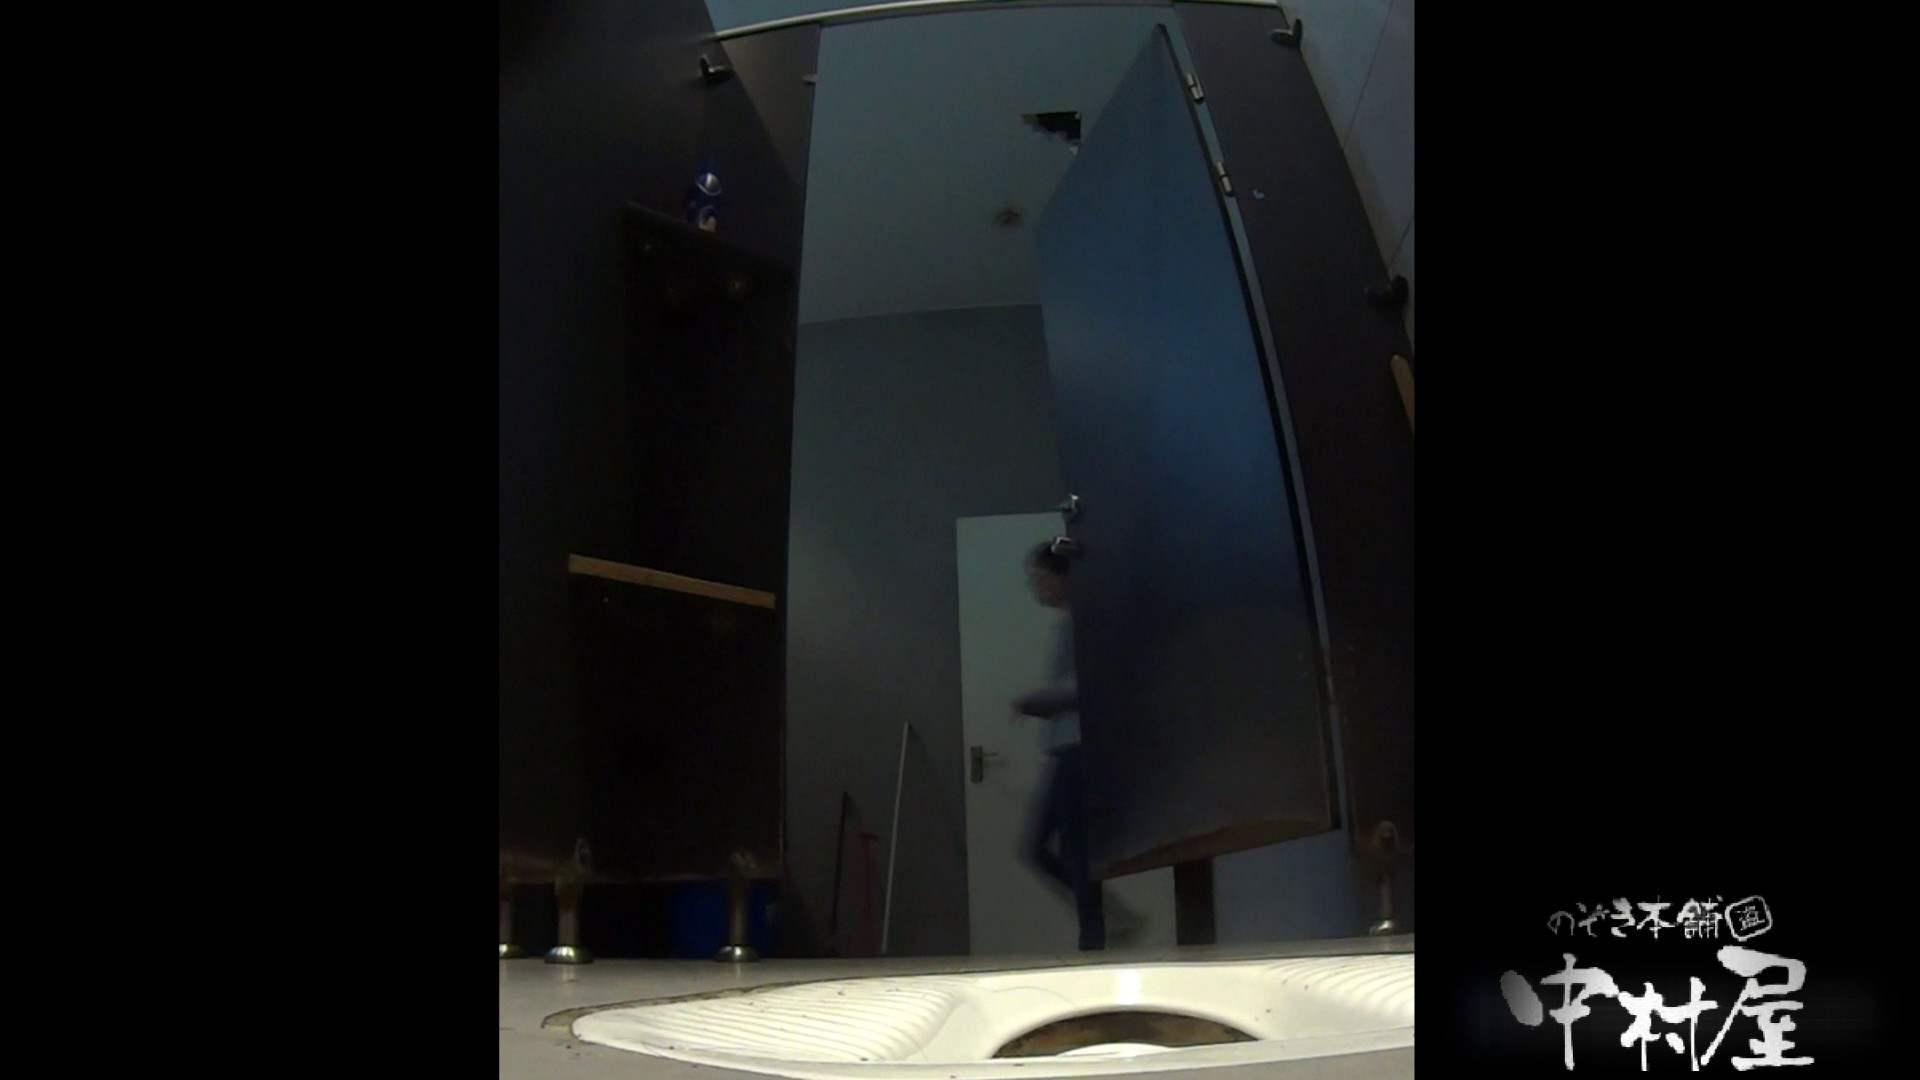 大学休憩時間の洗面所事情21 お姉さん   美女エロ画像  92PICs 1